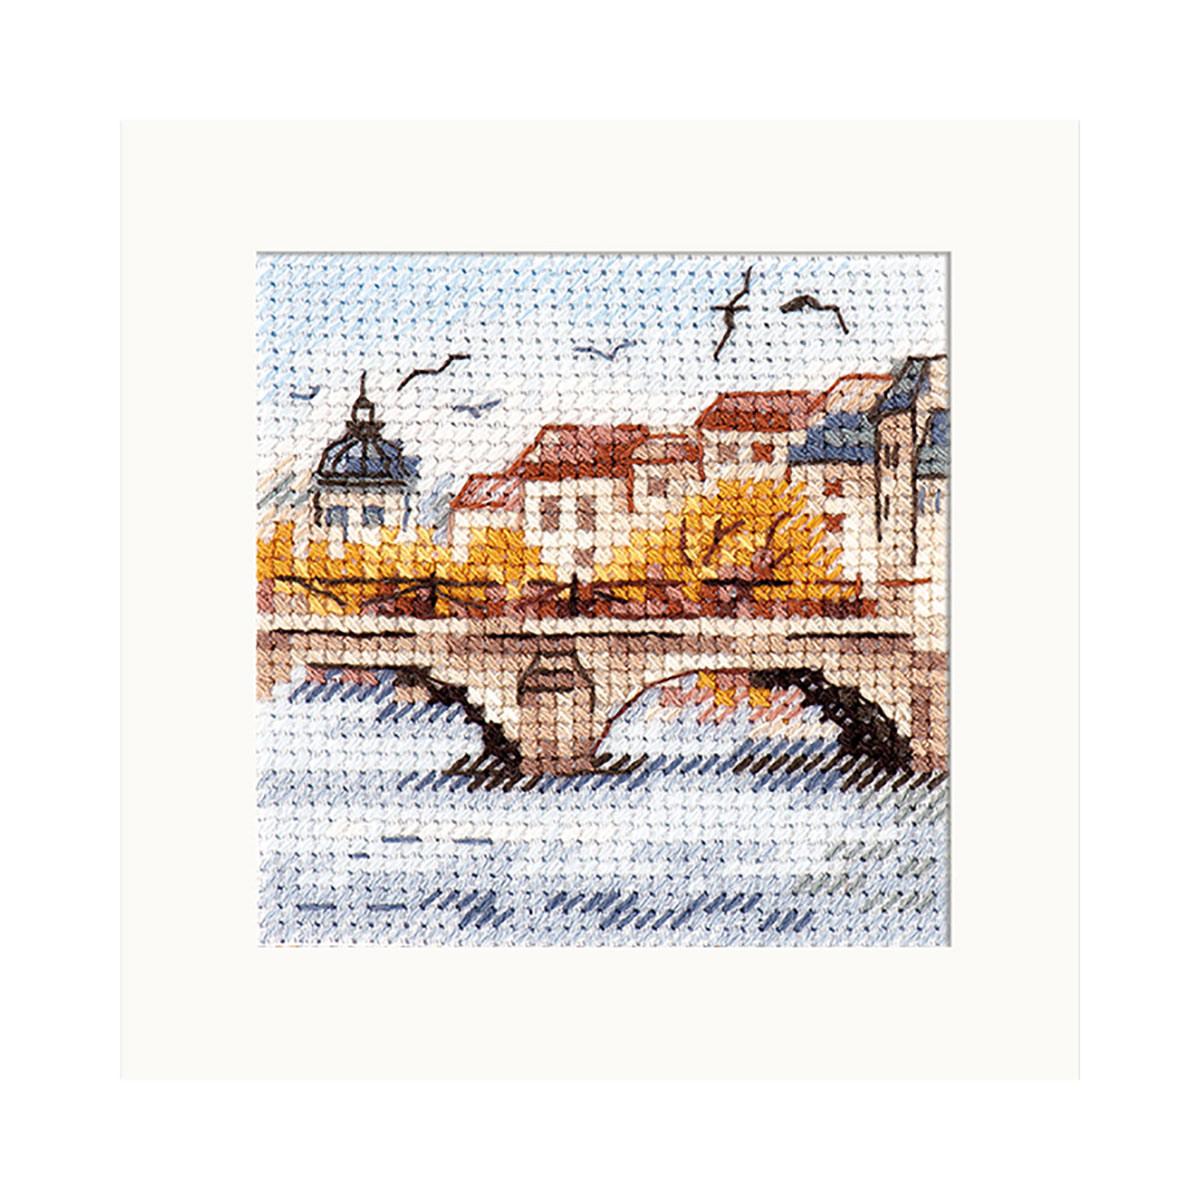 0-216 Набор для вышивания АЛИСА 'Осень в городе. Чайки над мостом' 7x7см